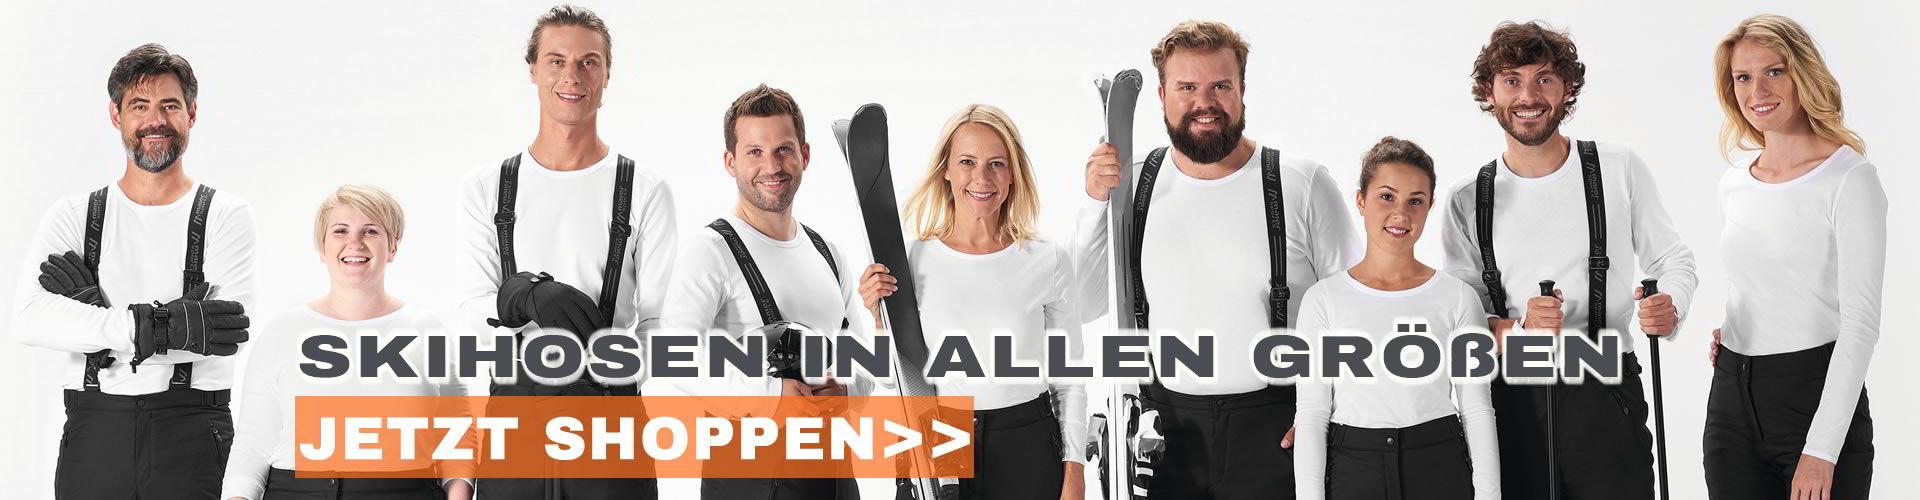 Skihosen in allen Größen